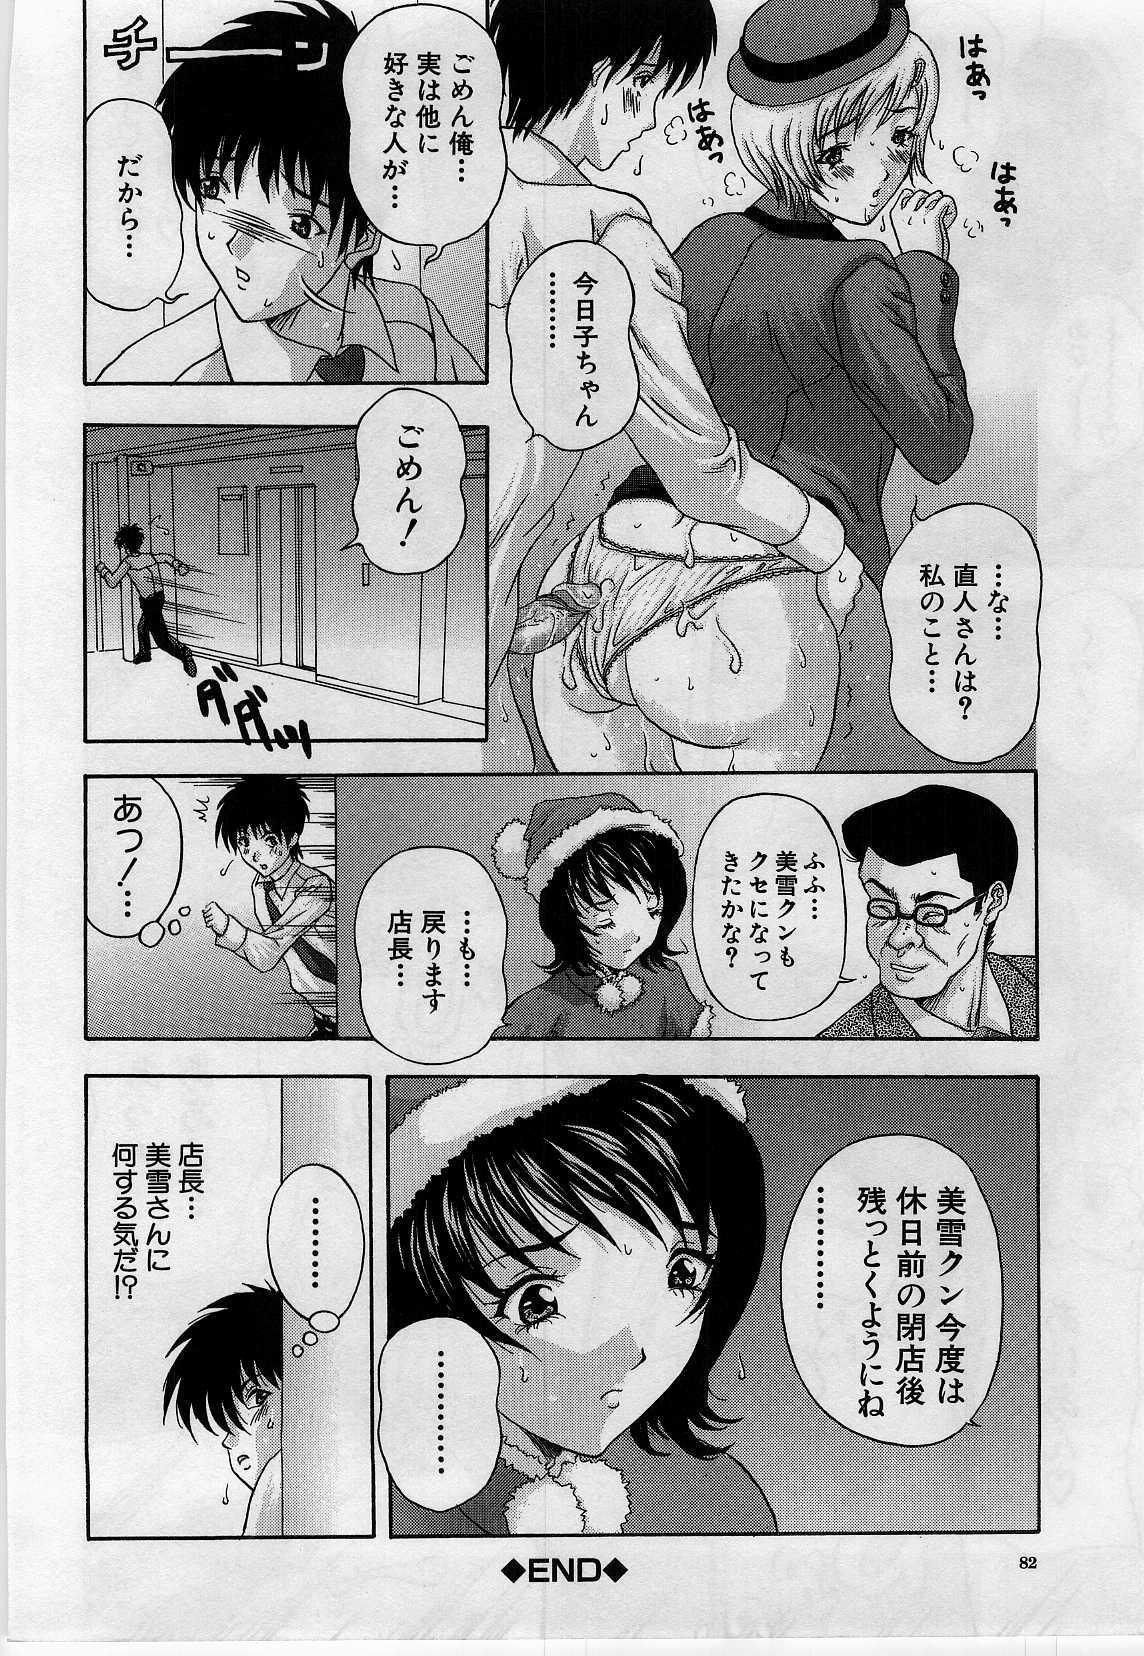 Yokubou no Hako - The Box of the Desire 81